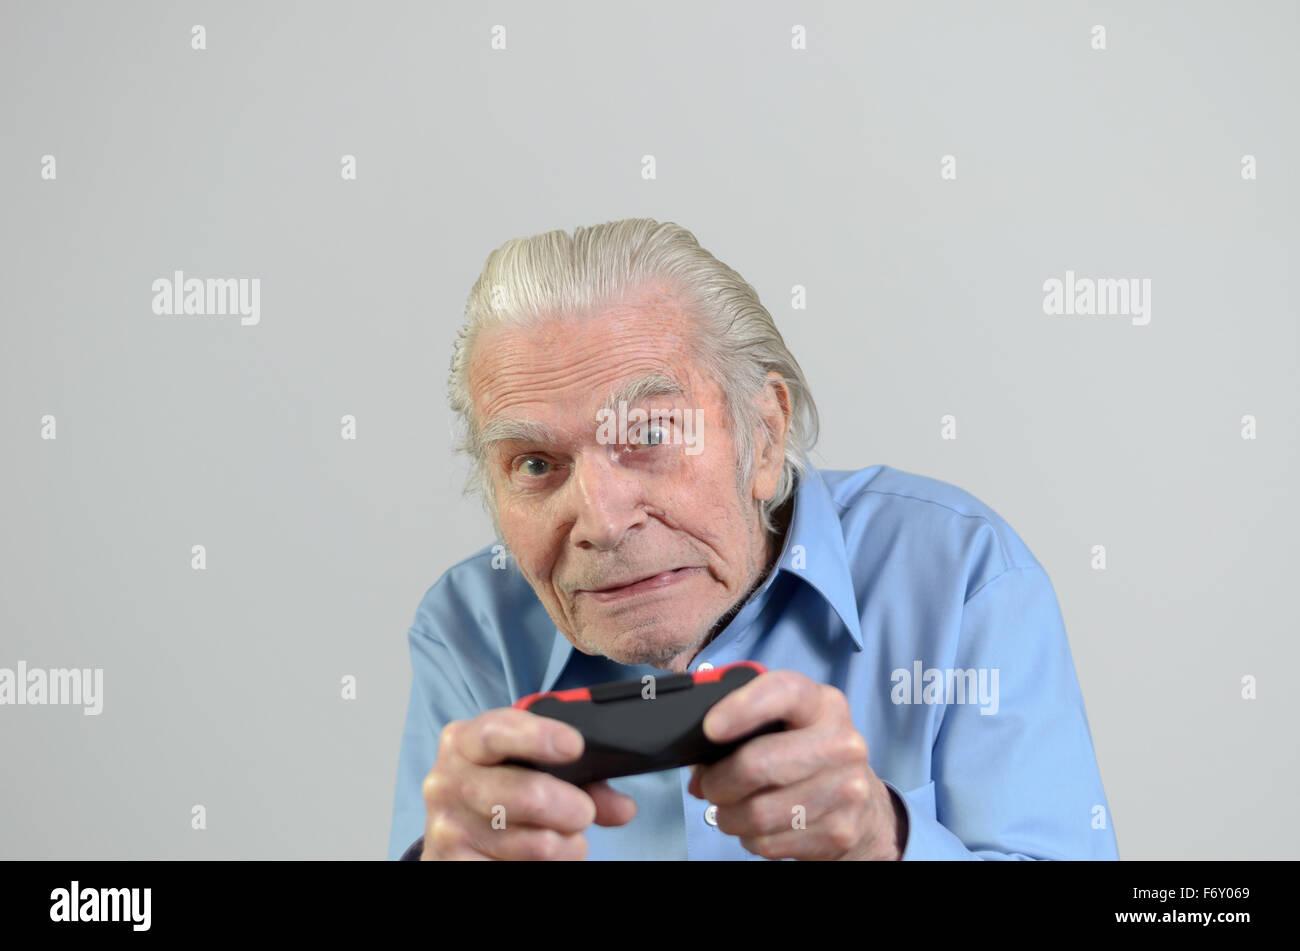 Drôle homme âgé ou grand-père jouer à un jeu vidéo sur console, portrait avec copie Photo Stock